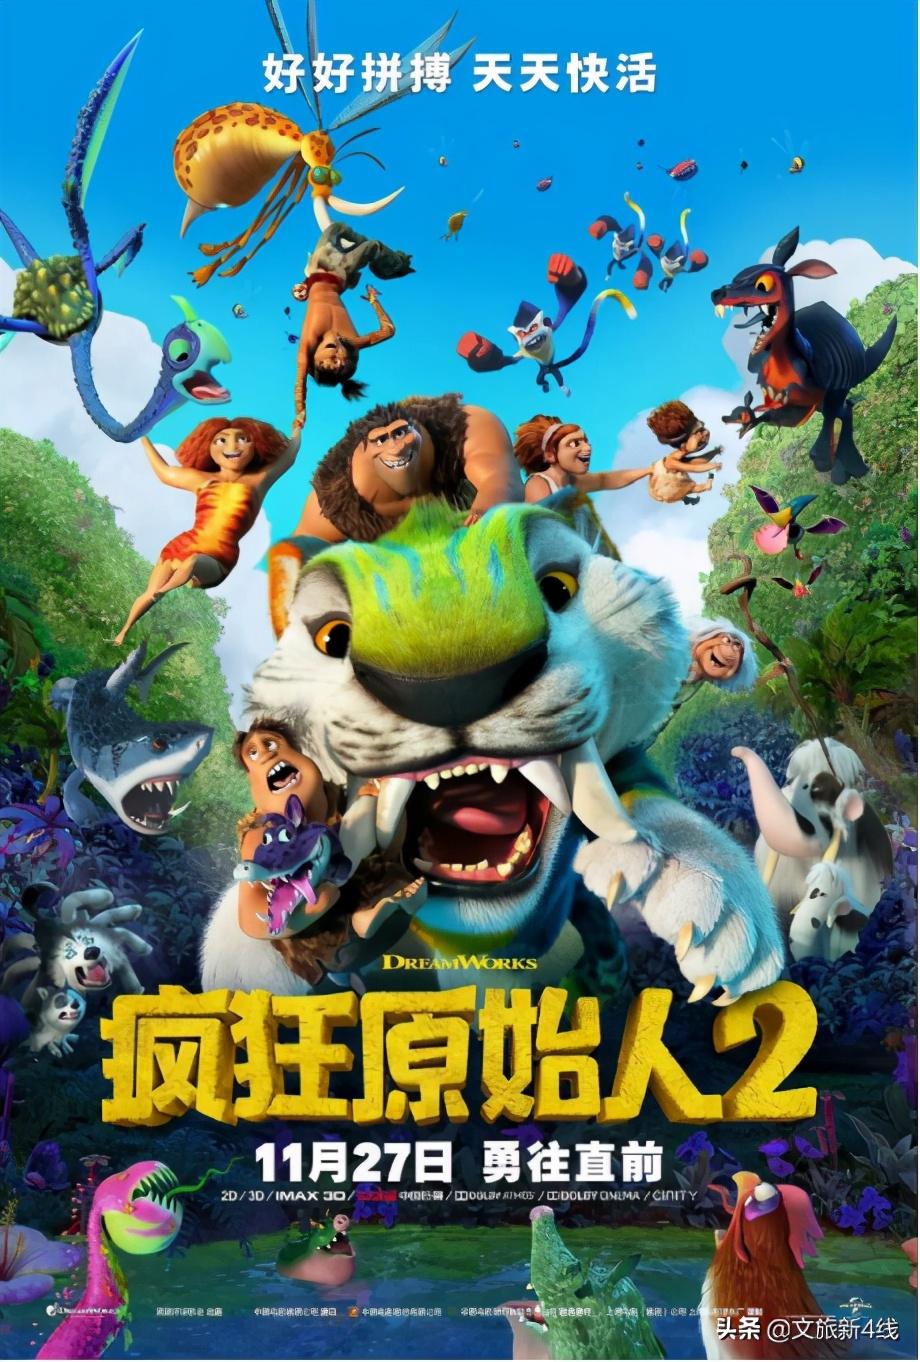 国庆后首部同步引进的好莱坞大片《疯狂原始人2》定档11月27日